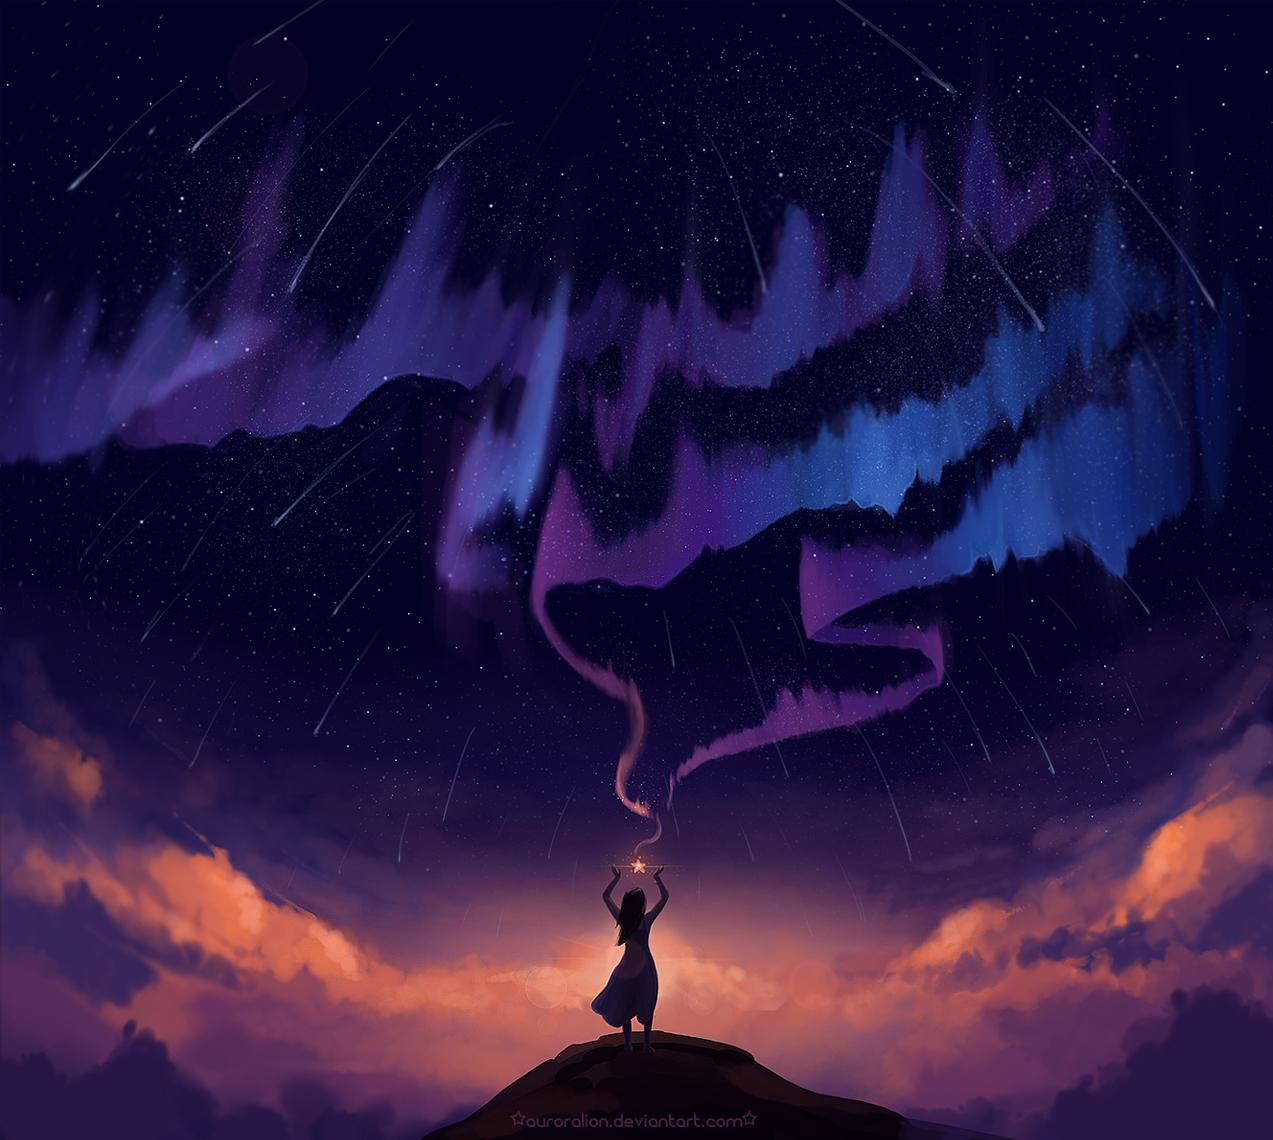 Девушка ловит звезду, стоя на вершине горы на фоне ночного неба, метеоритного дождя и северного сияния, art by auroralion